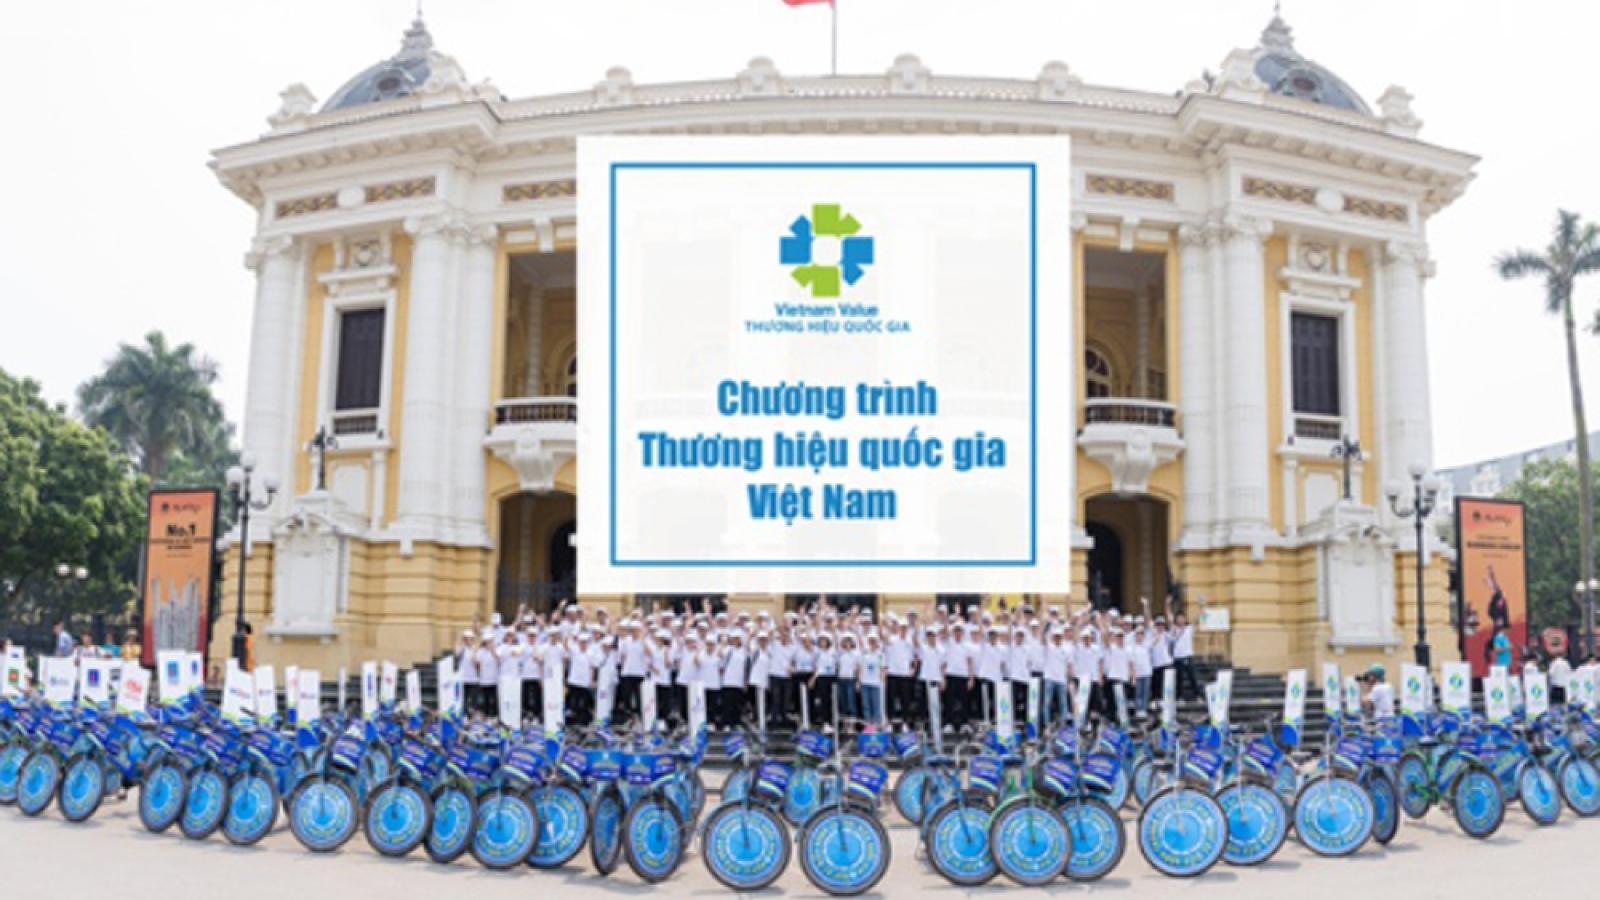 Tối nay 25/11 công bố sản phẩm đạt Thương hiệu quốc gia Việt Nam năm 2020